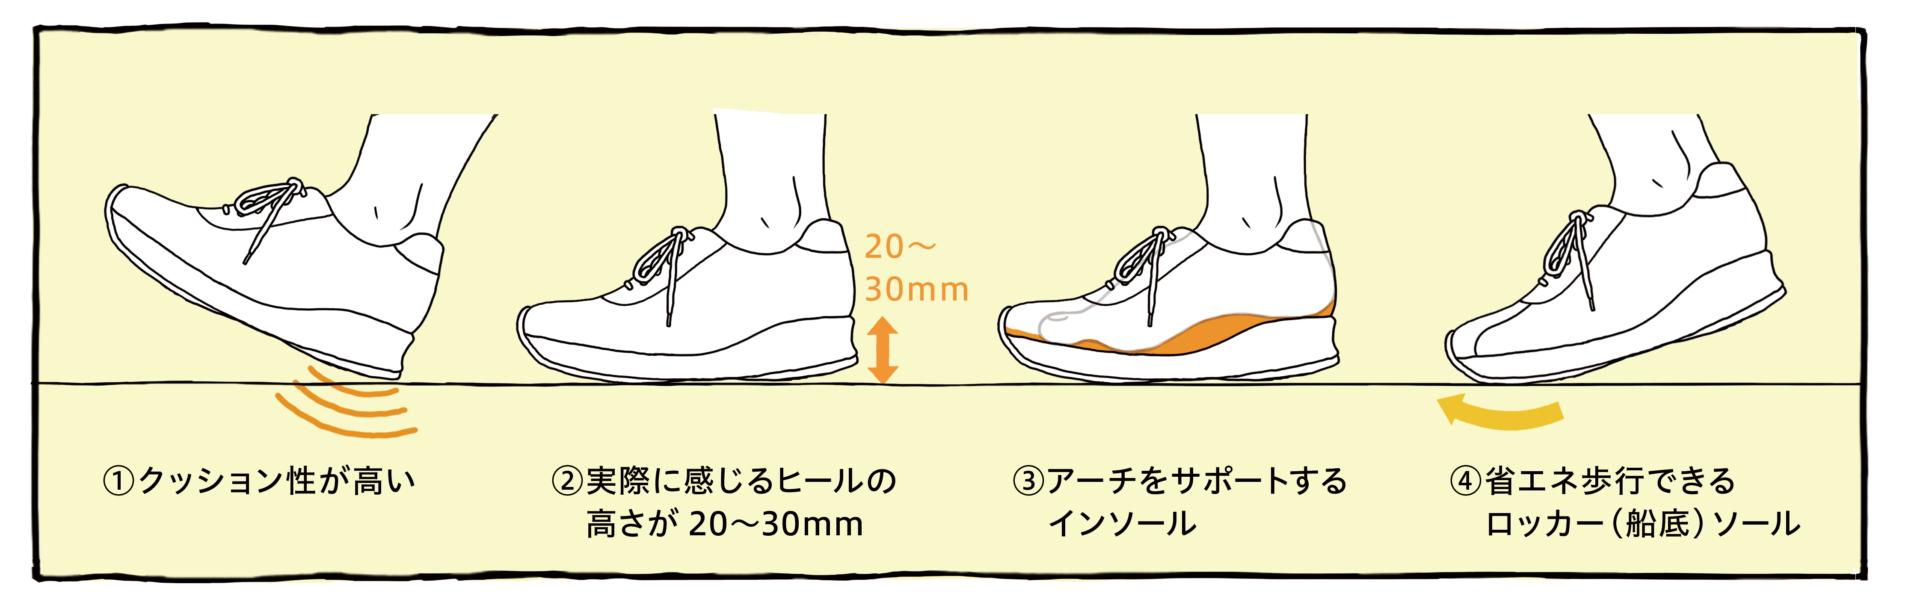 1〜4の図